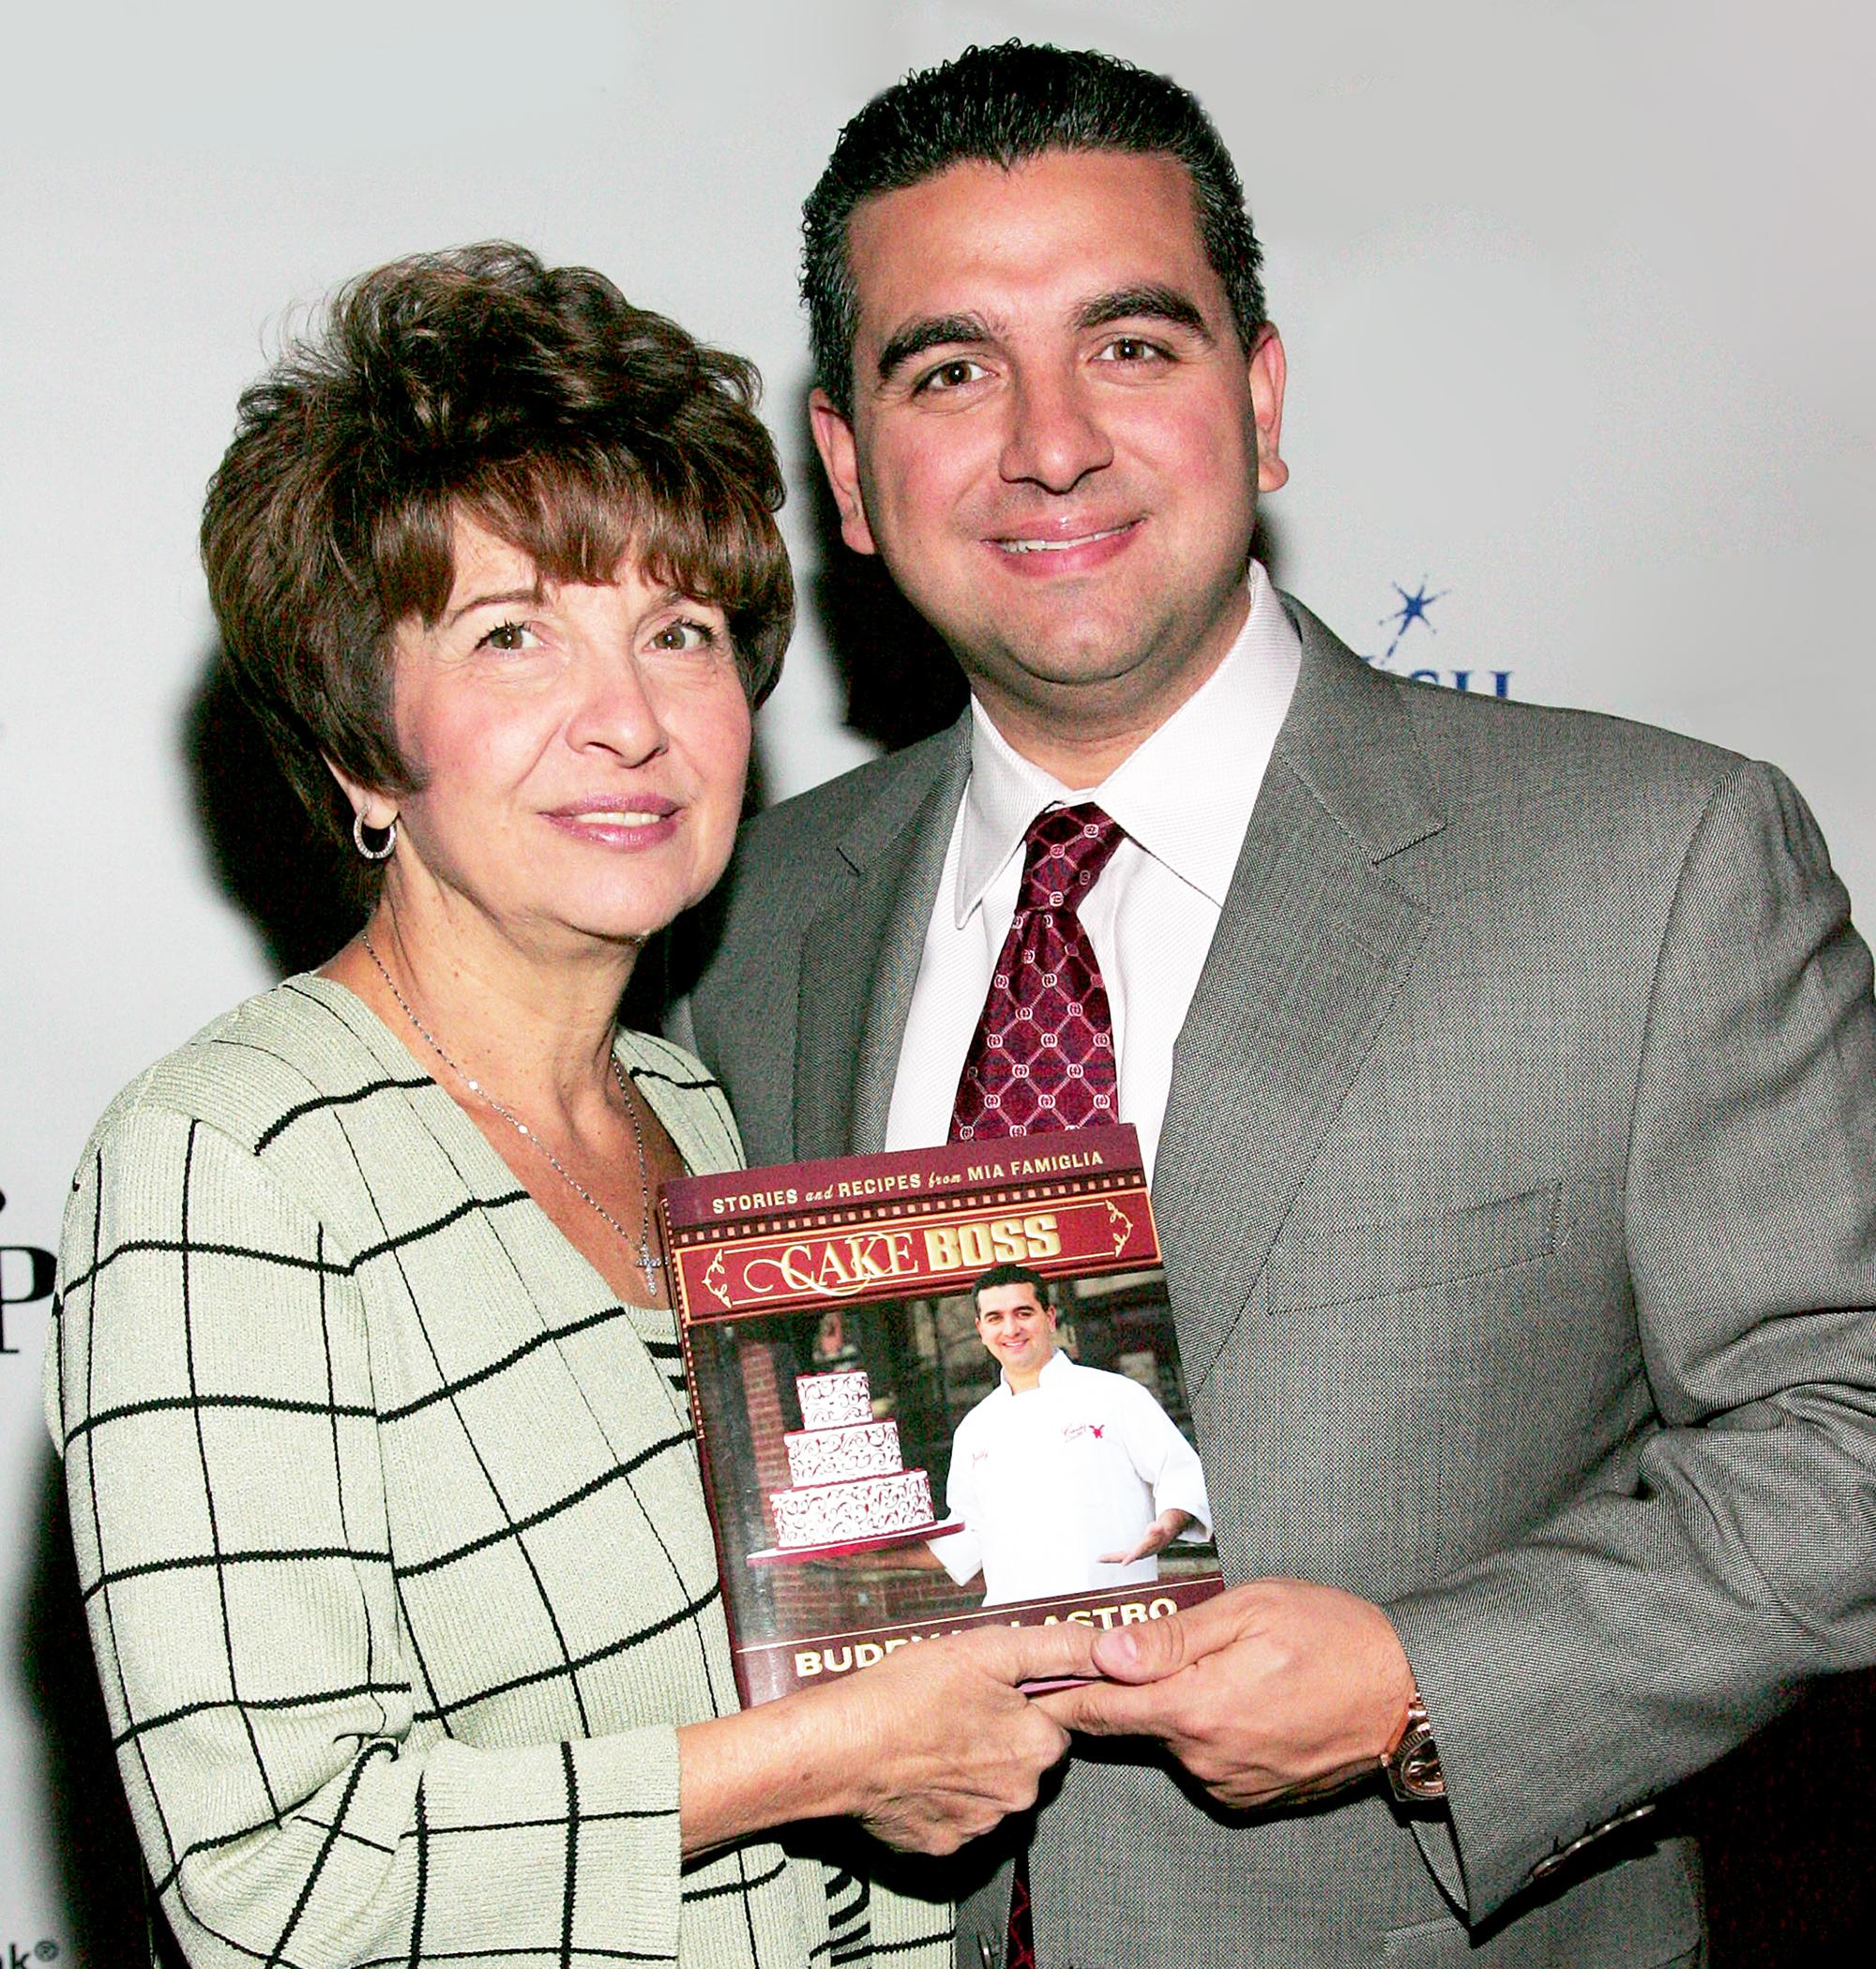 Buddy Valastro and Mary Valastro